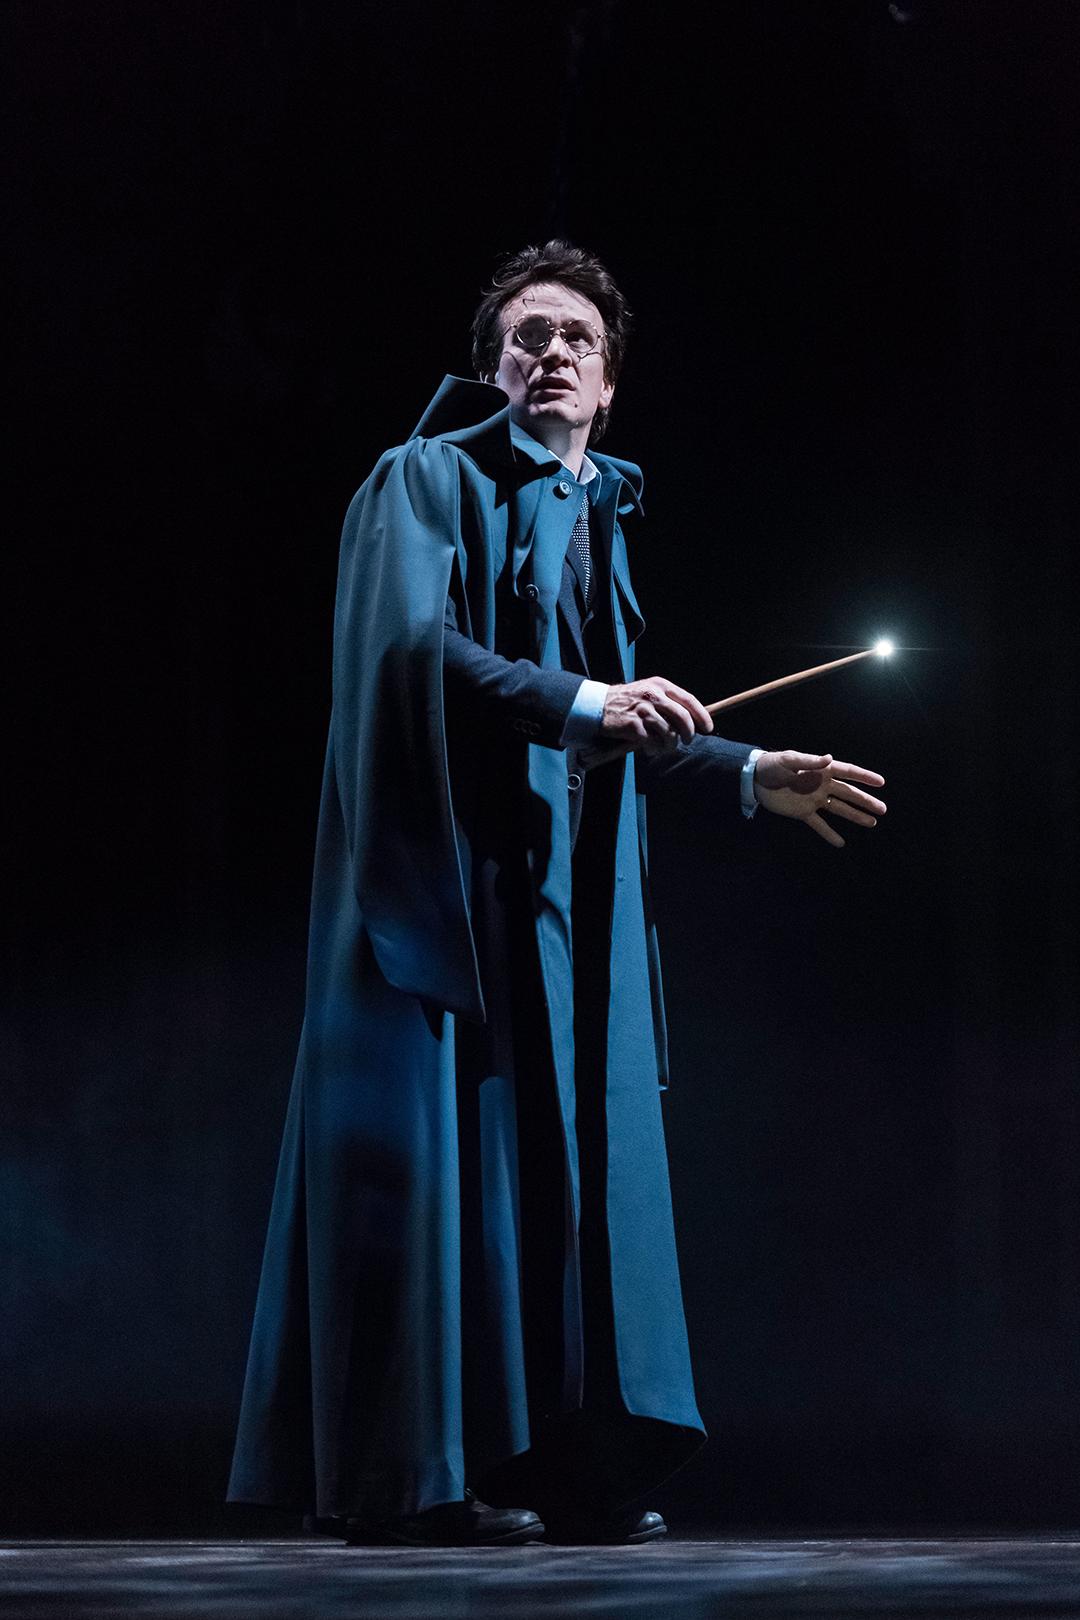 Harry com sua varinha acesa olhando para o alto, assustado.